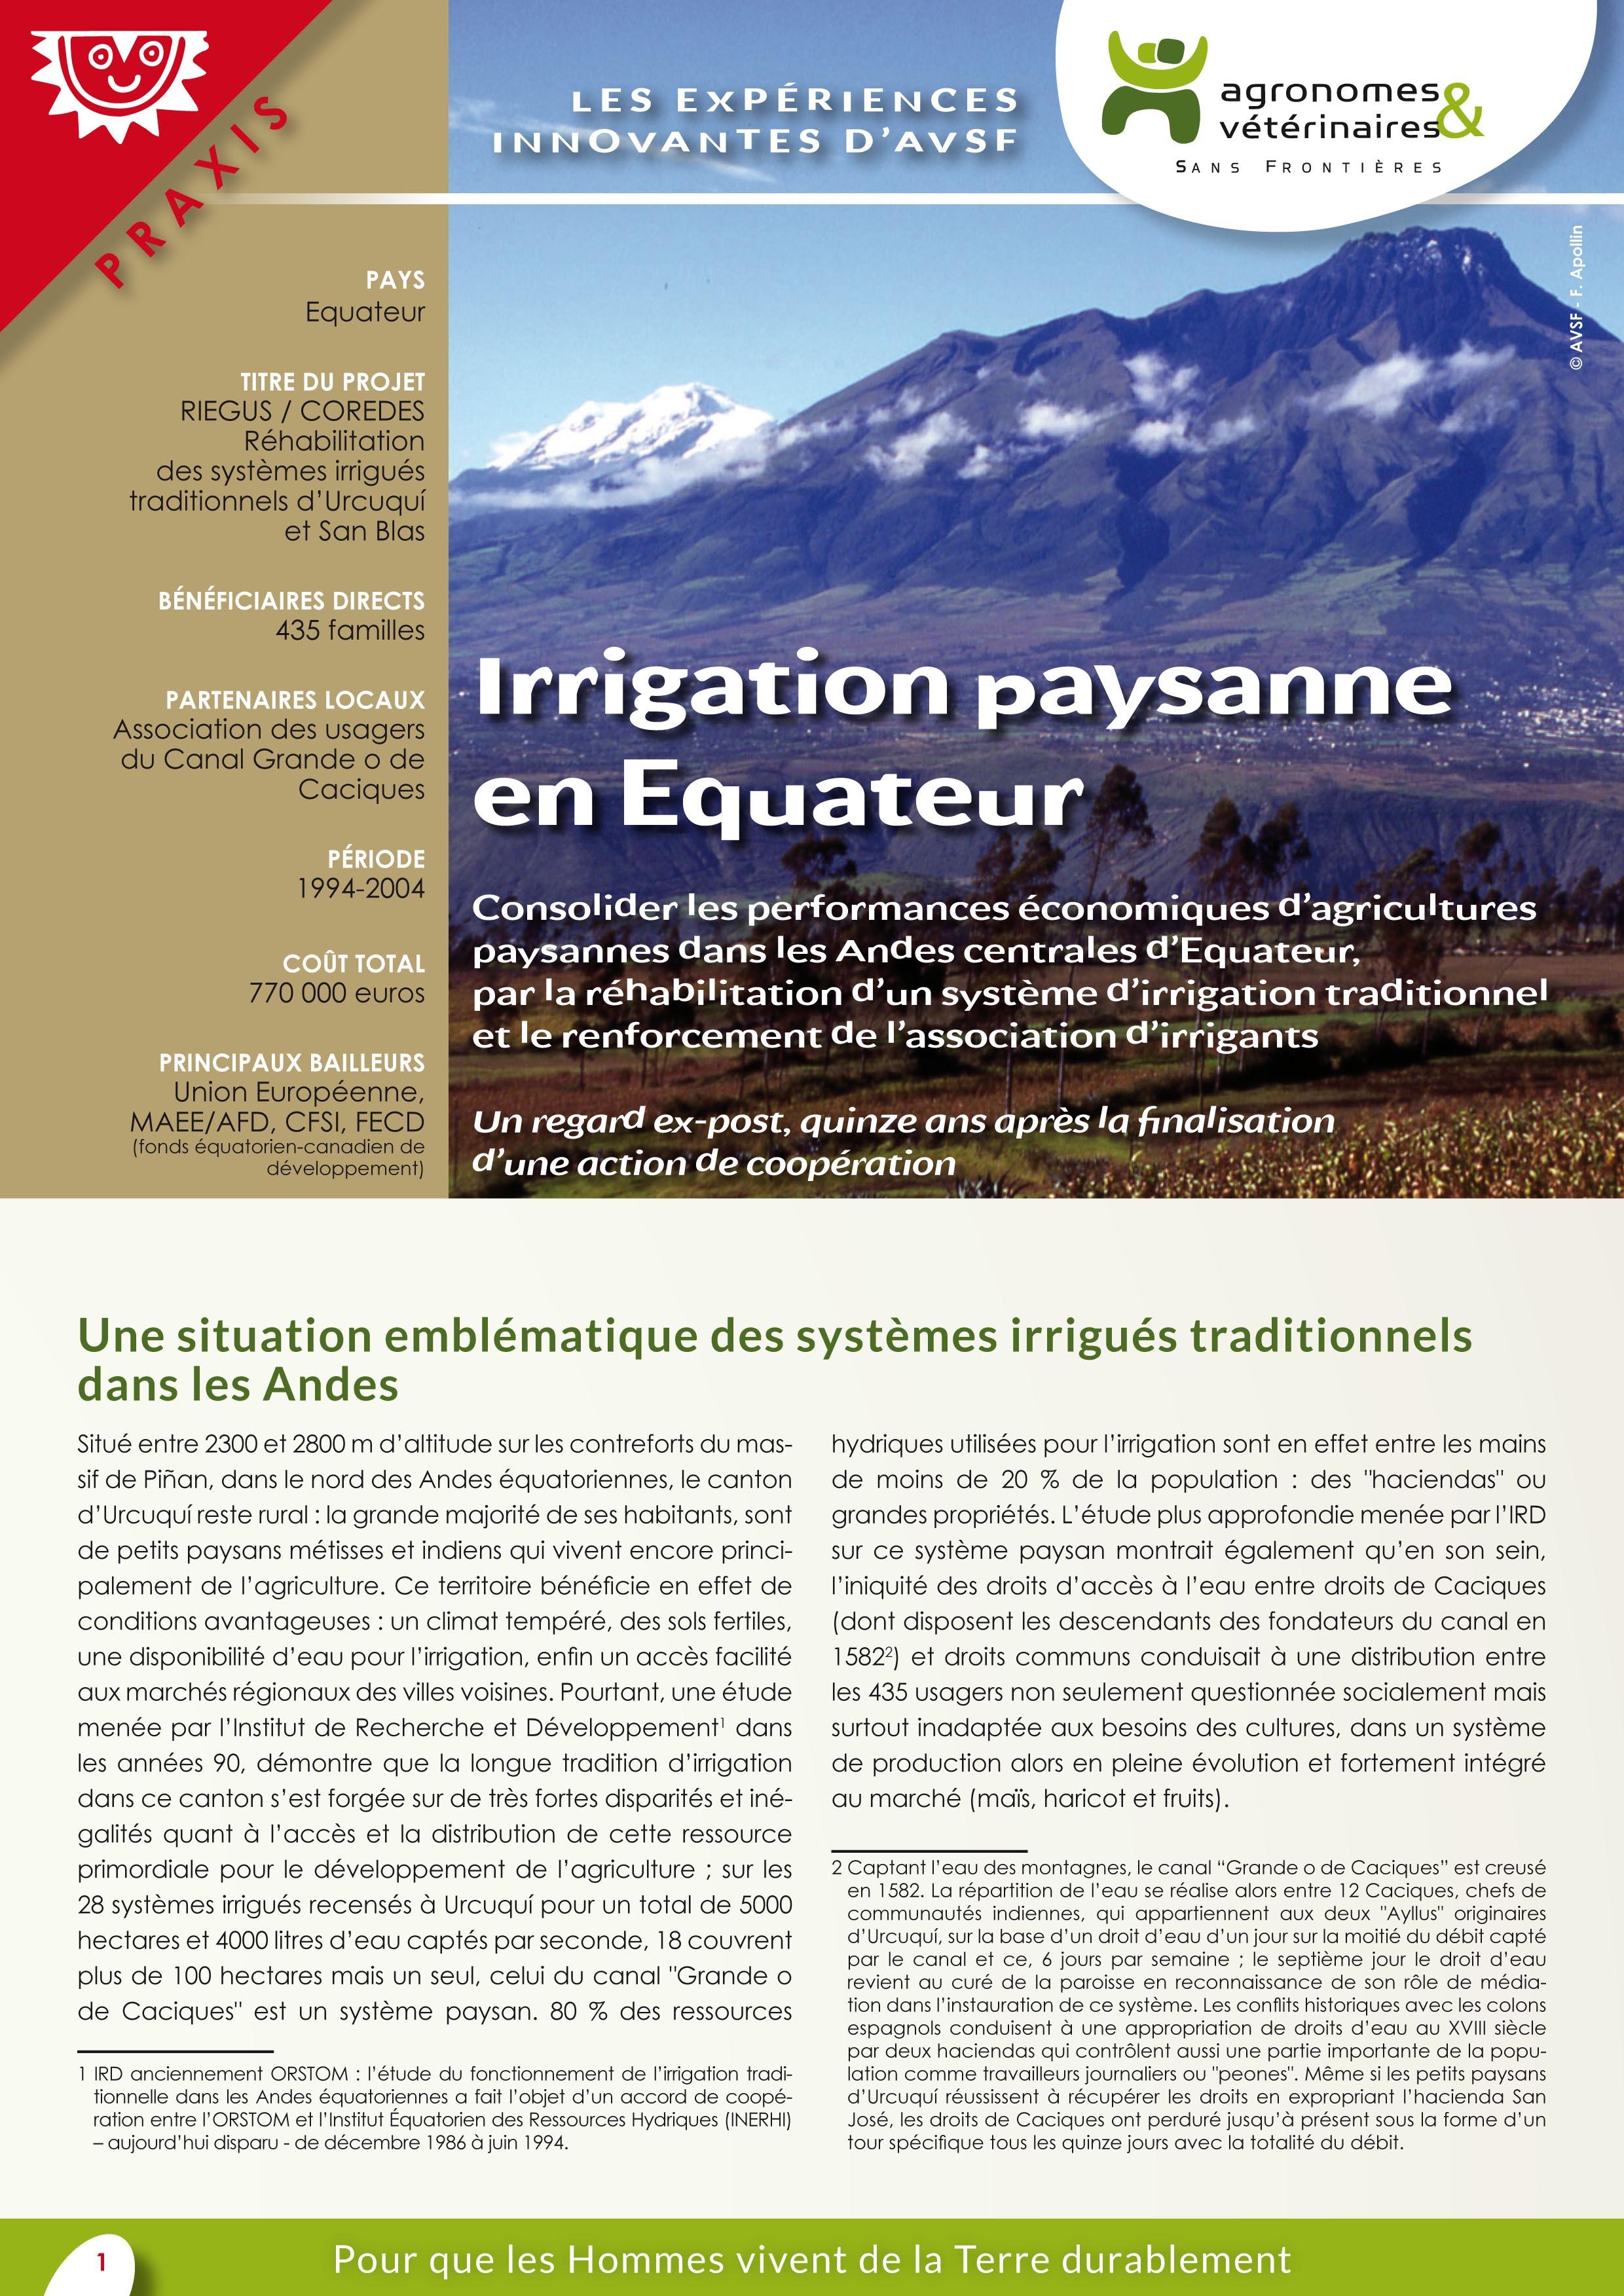 Les expériences innovantes d'AVSF : Irrigation paysanne en Equateur Image principale